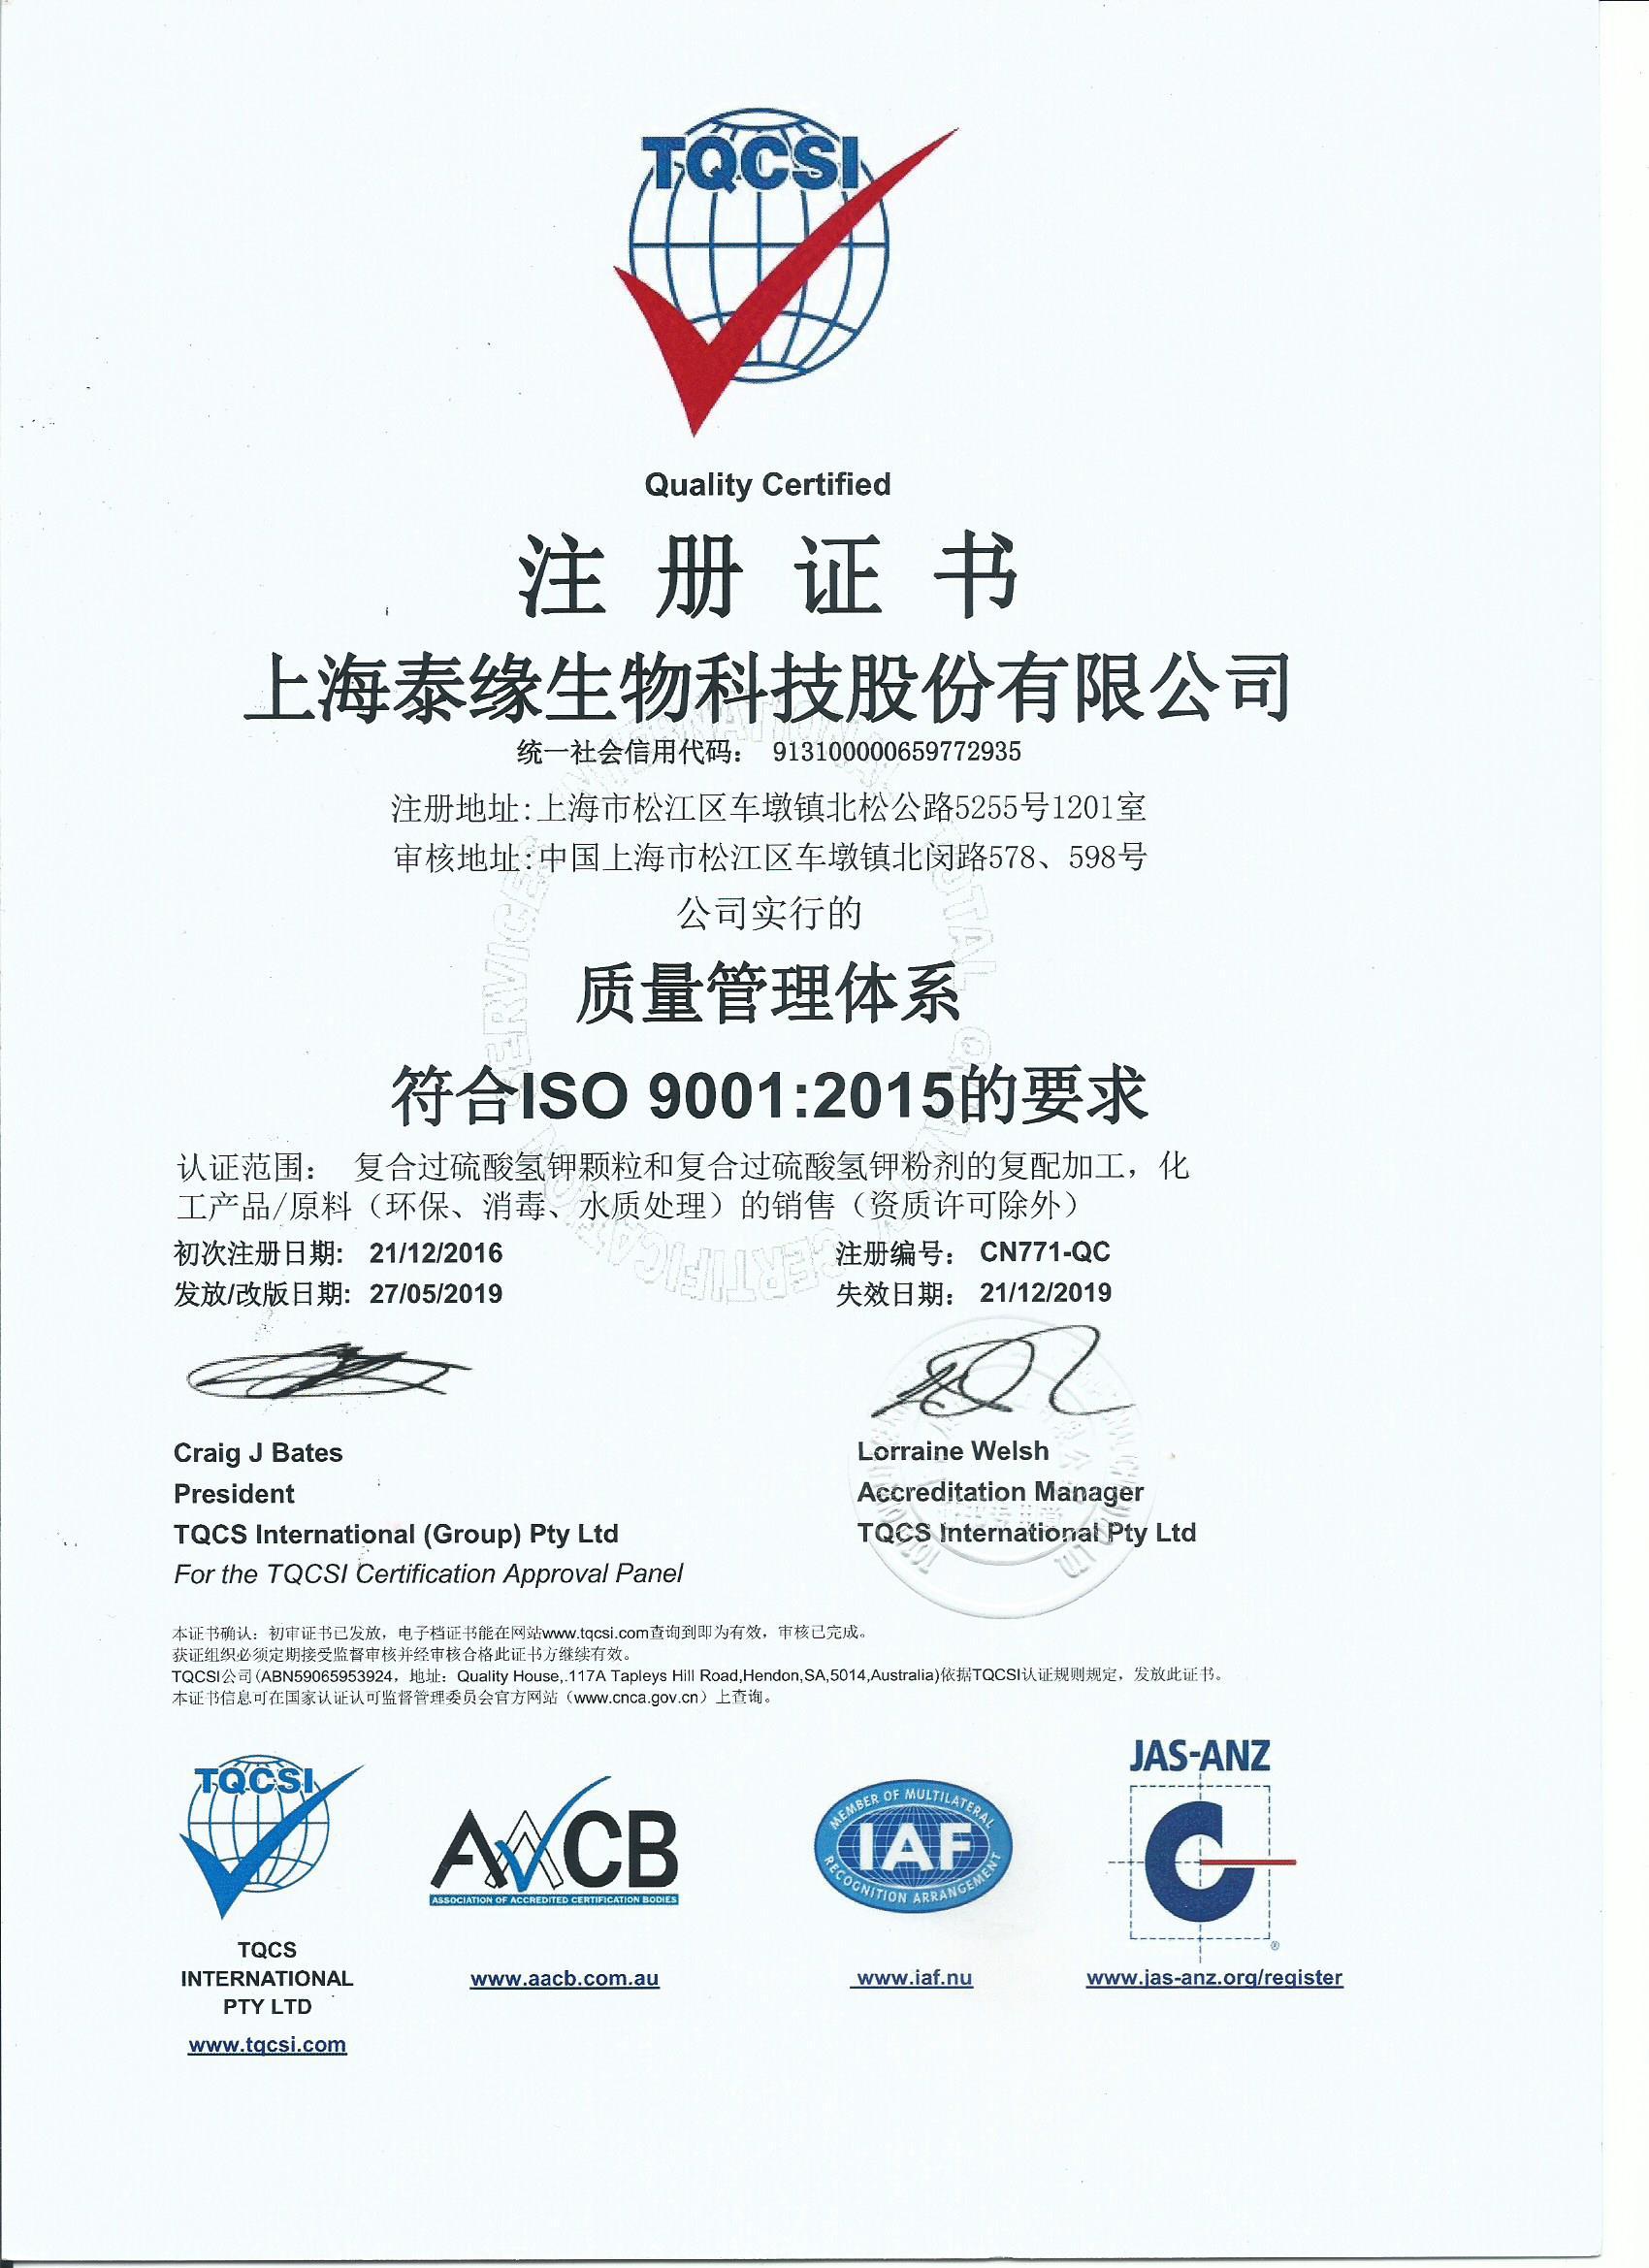 2015年质量管理体系认证证书.jpg